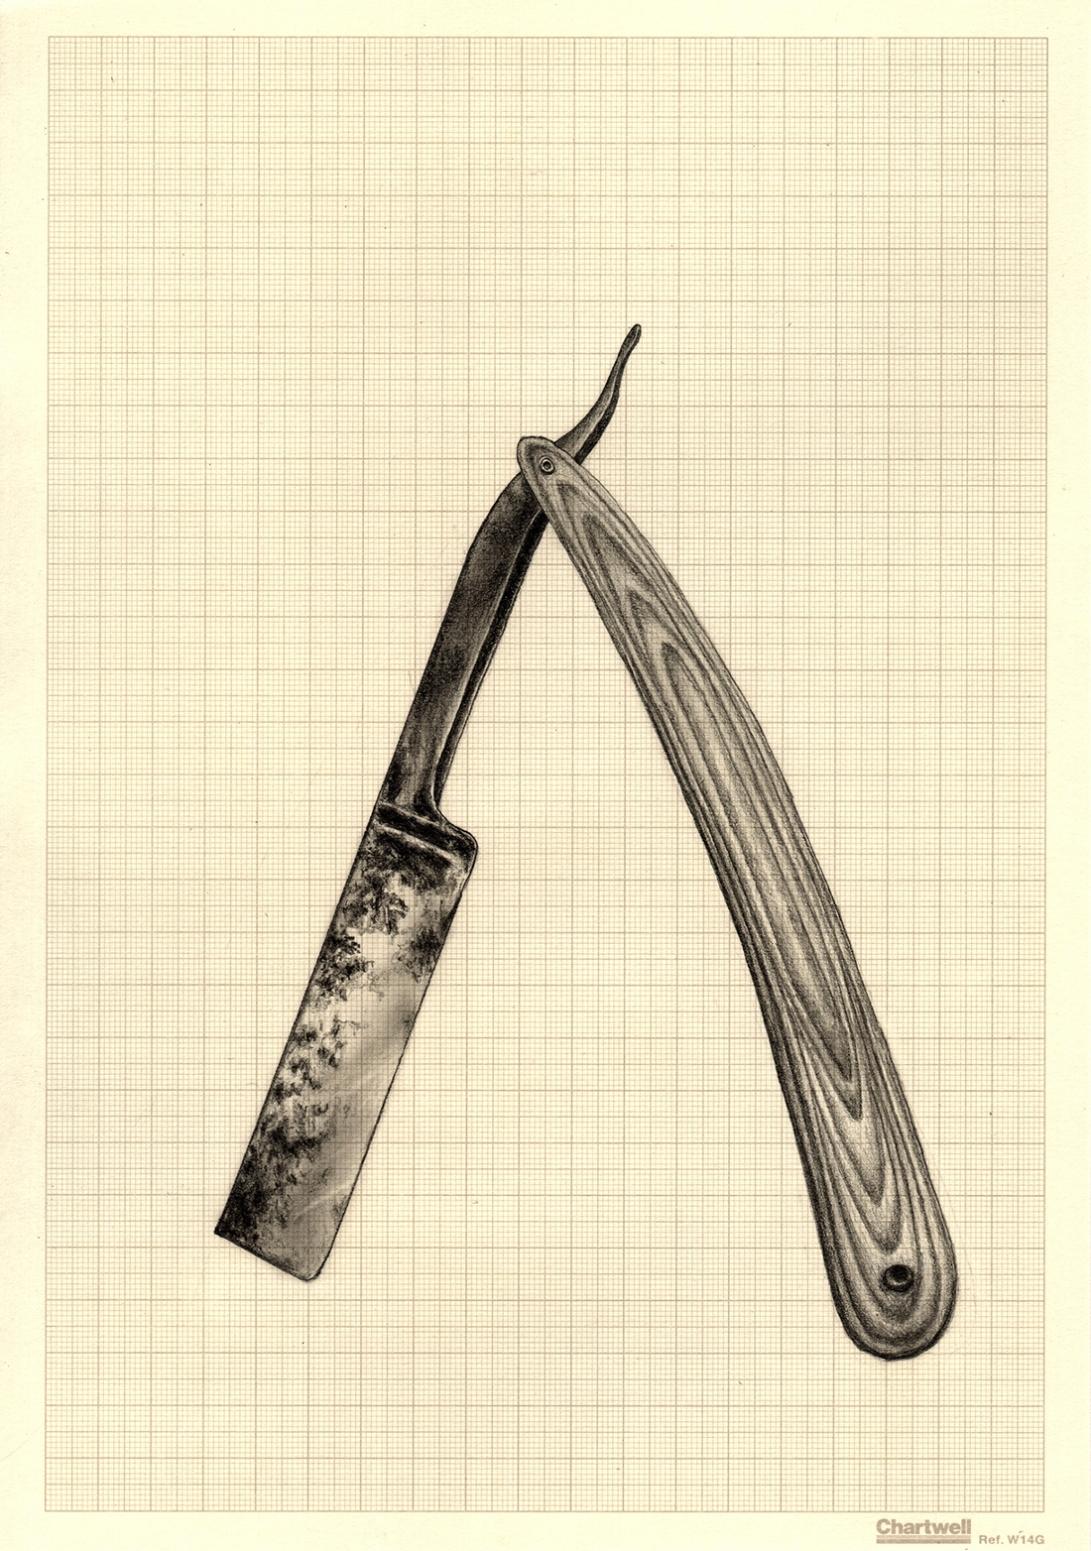 Occam's Rusty Razor, graphite on graph paper, 29.7cm x 21cm, 2015